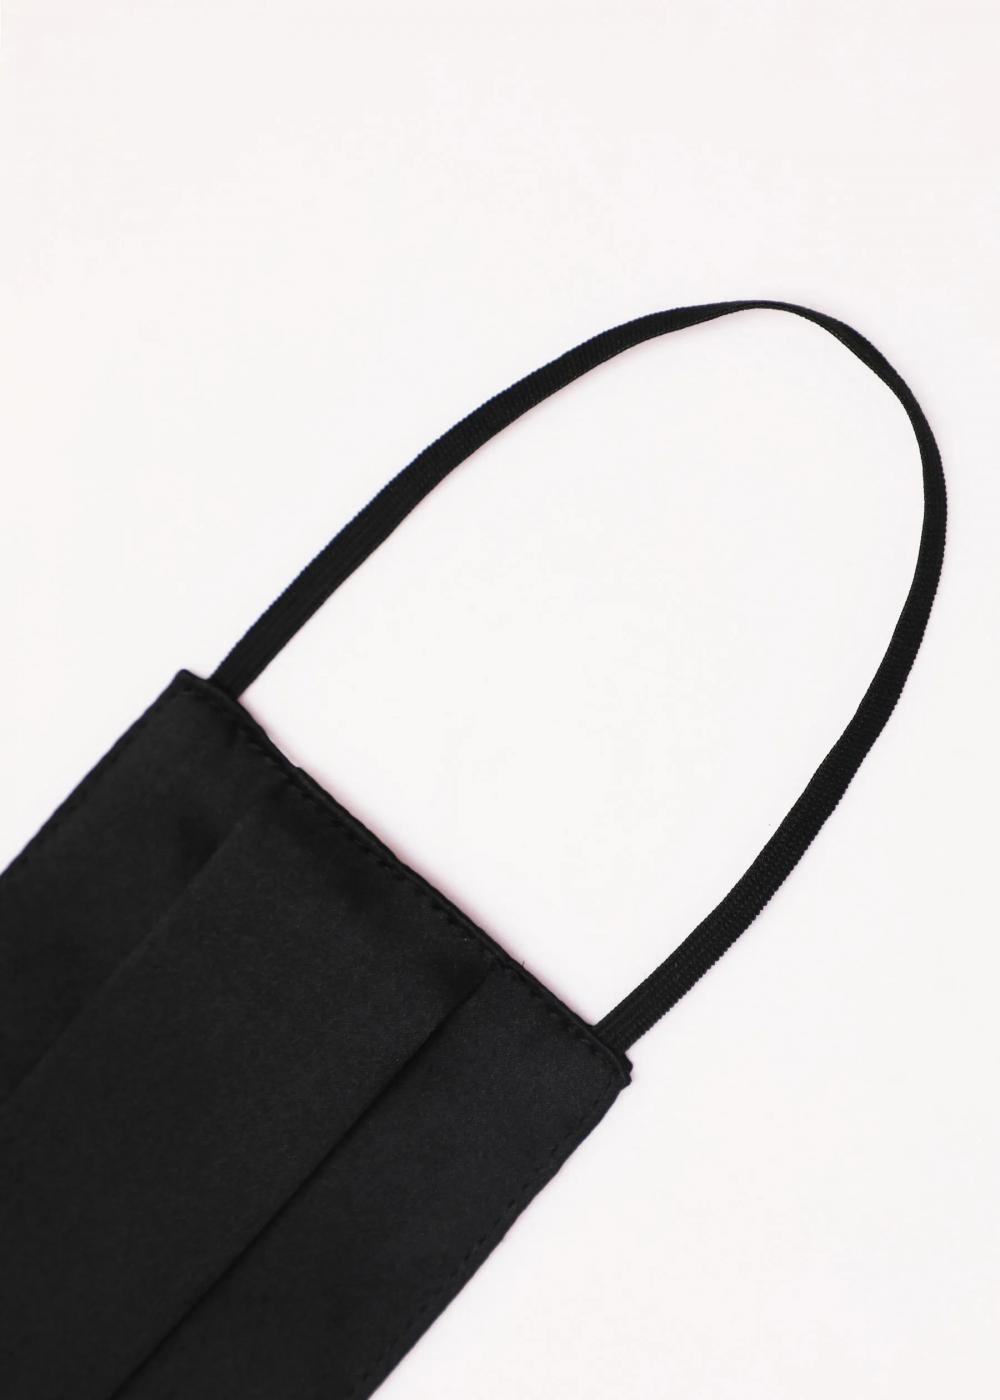 Cozy Pure Silk Gauze Mask Black 1 Pack 06 Webp Jpg